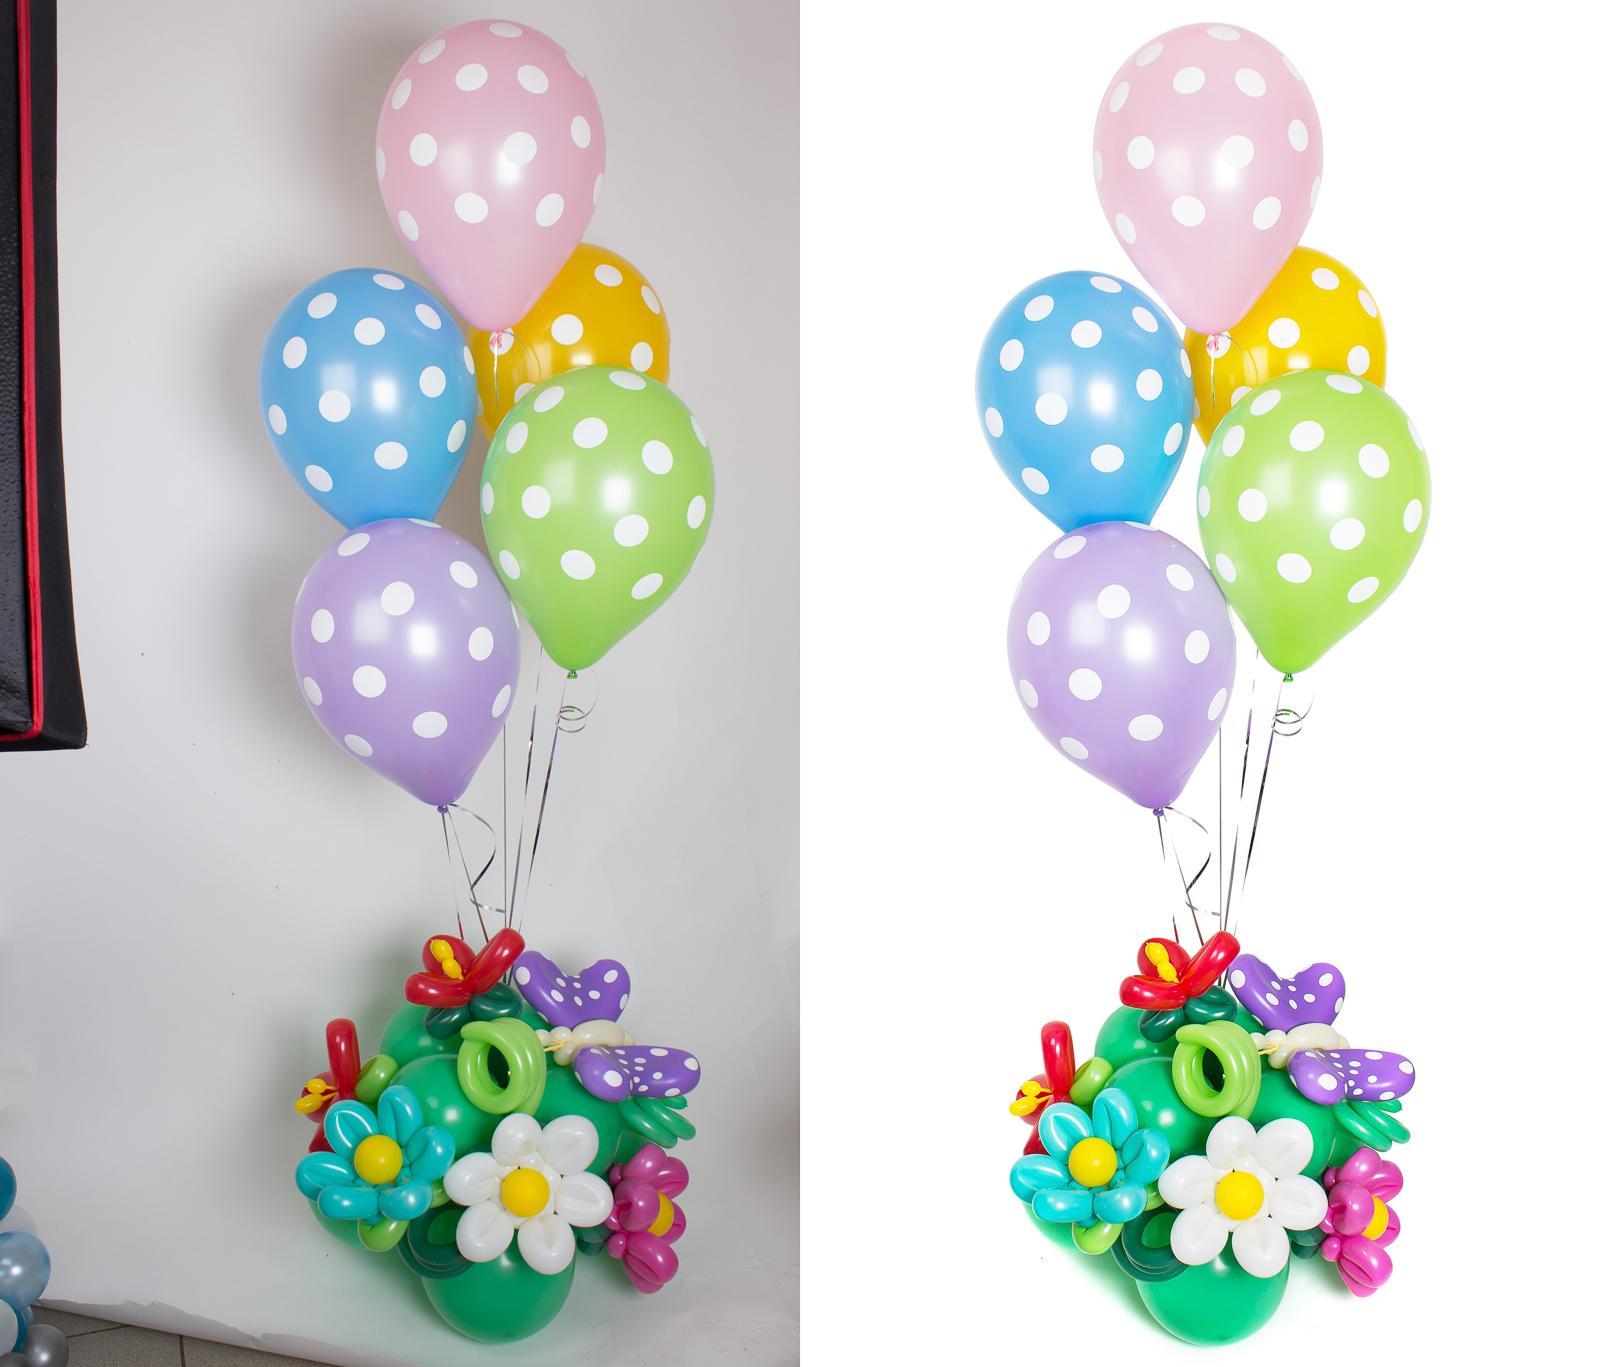 Обтравка (удаление фона) и ретушь воздушных шаров